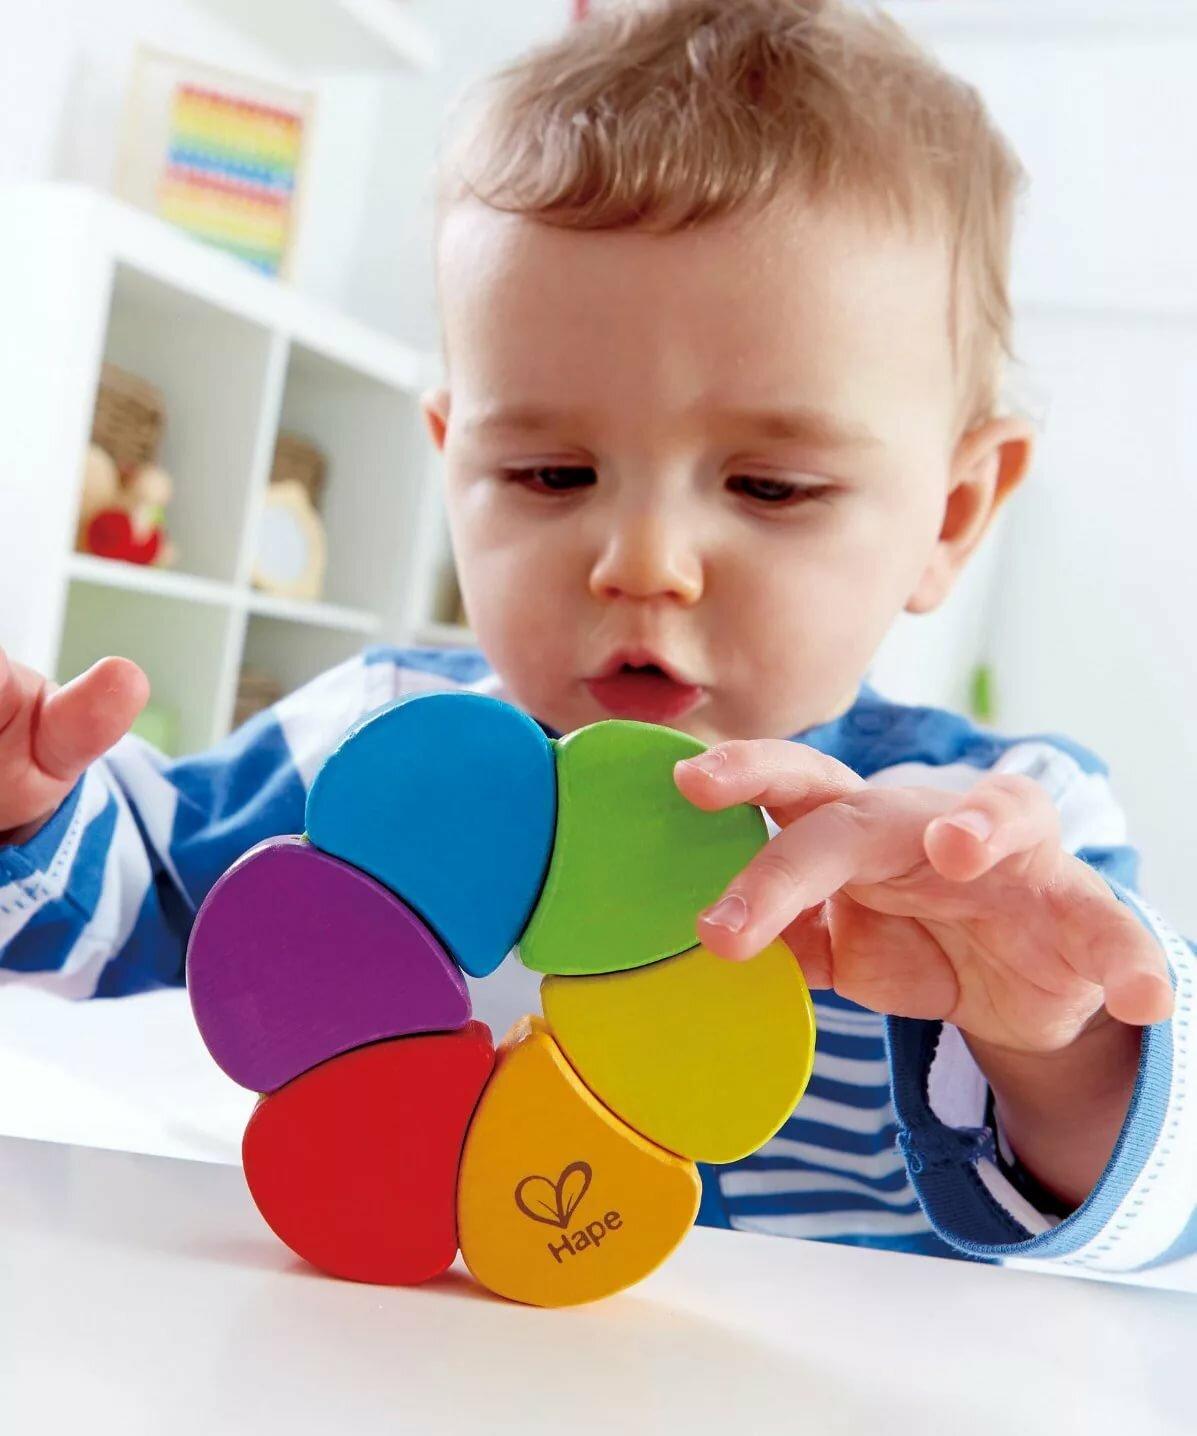 Как играть с ребенком трех - шести месяцев?